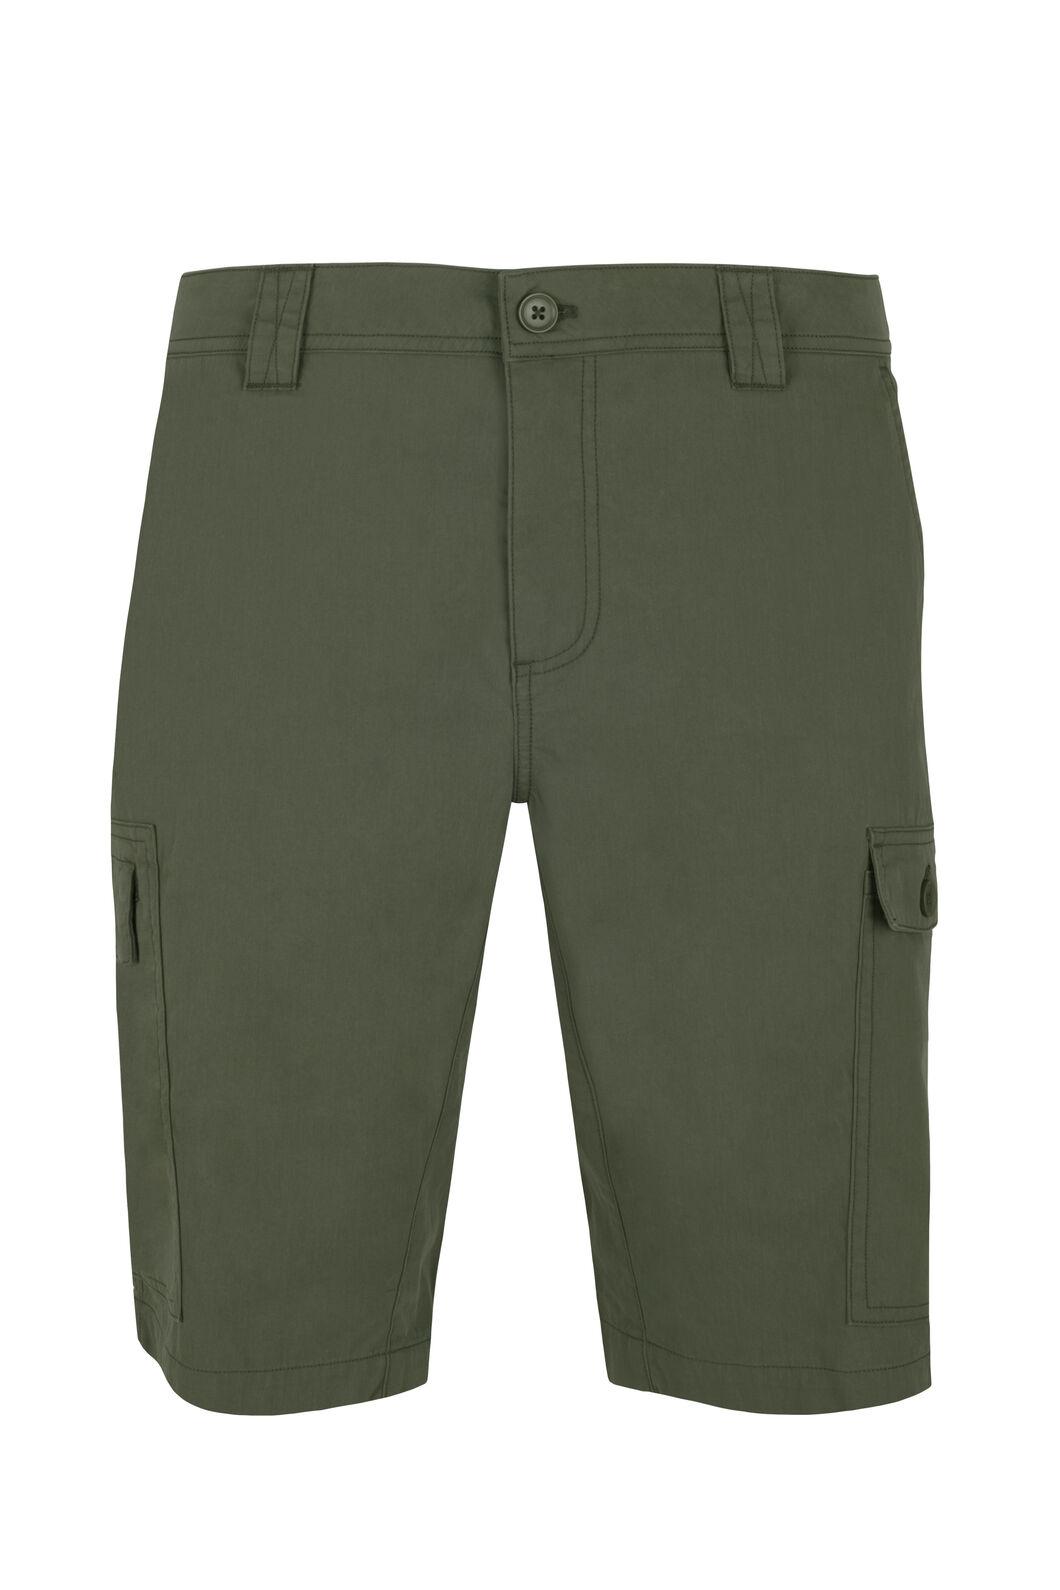 Macpac Matrix Shorts - Men's, Grape Leaf, hi-res